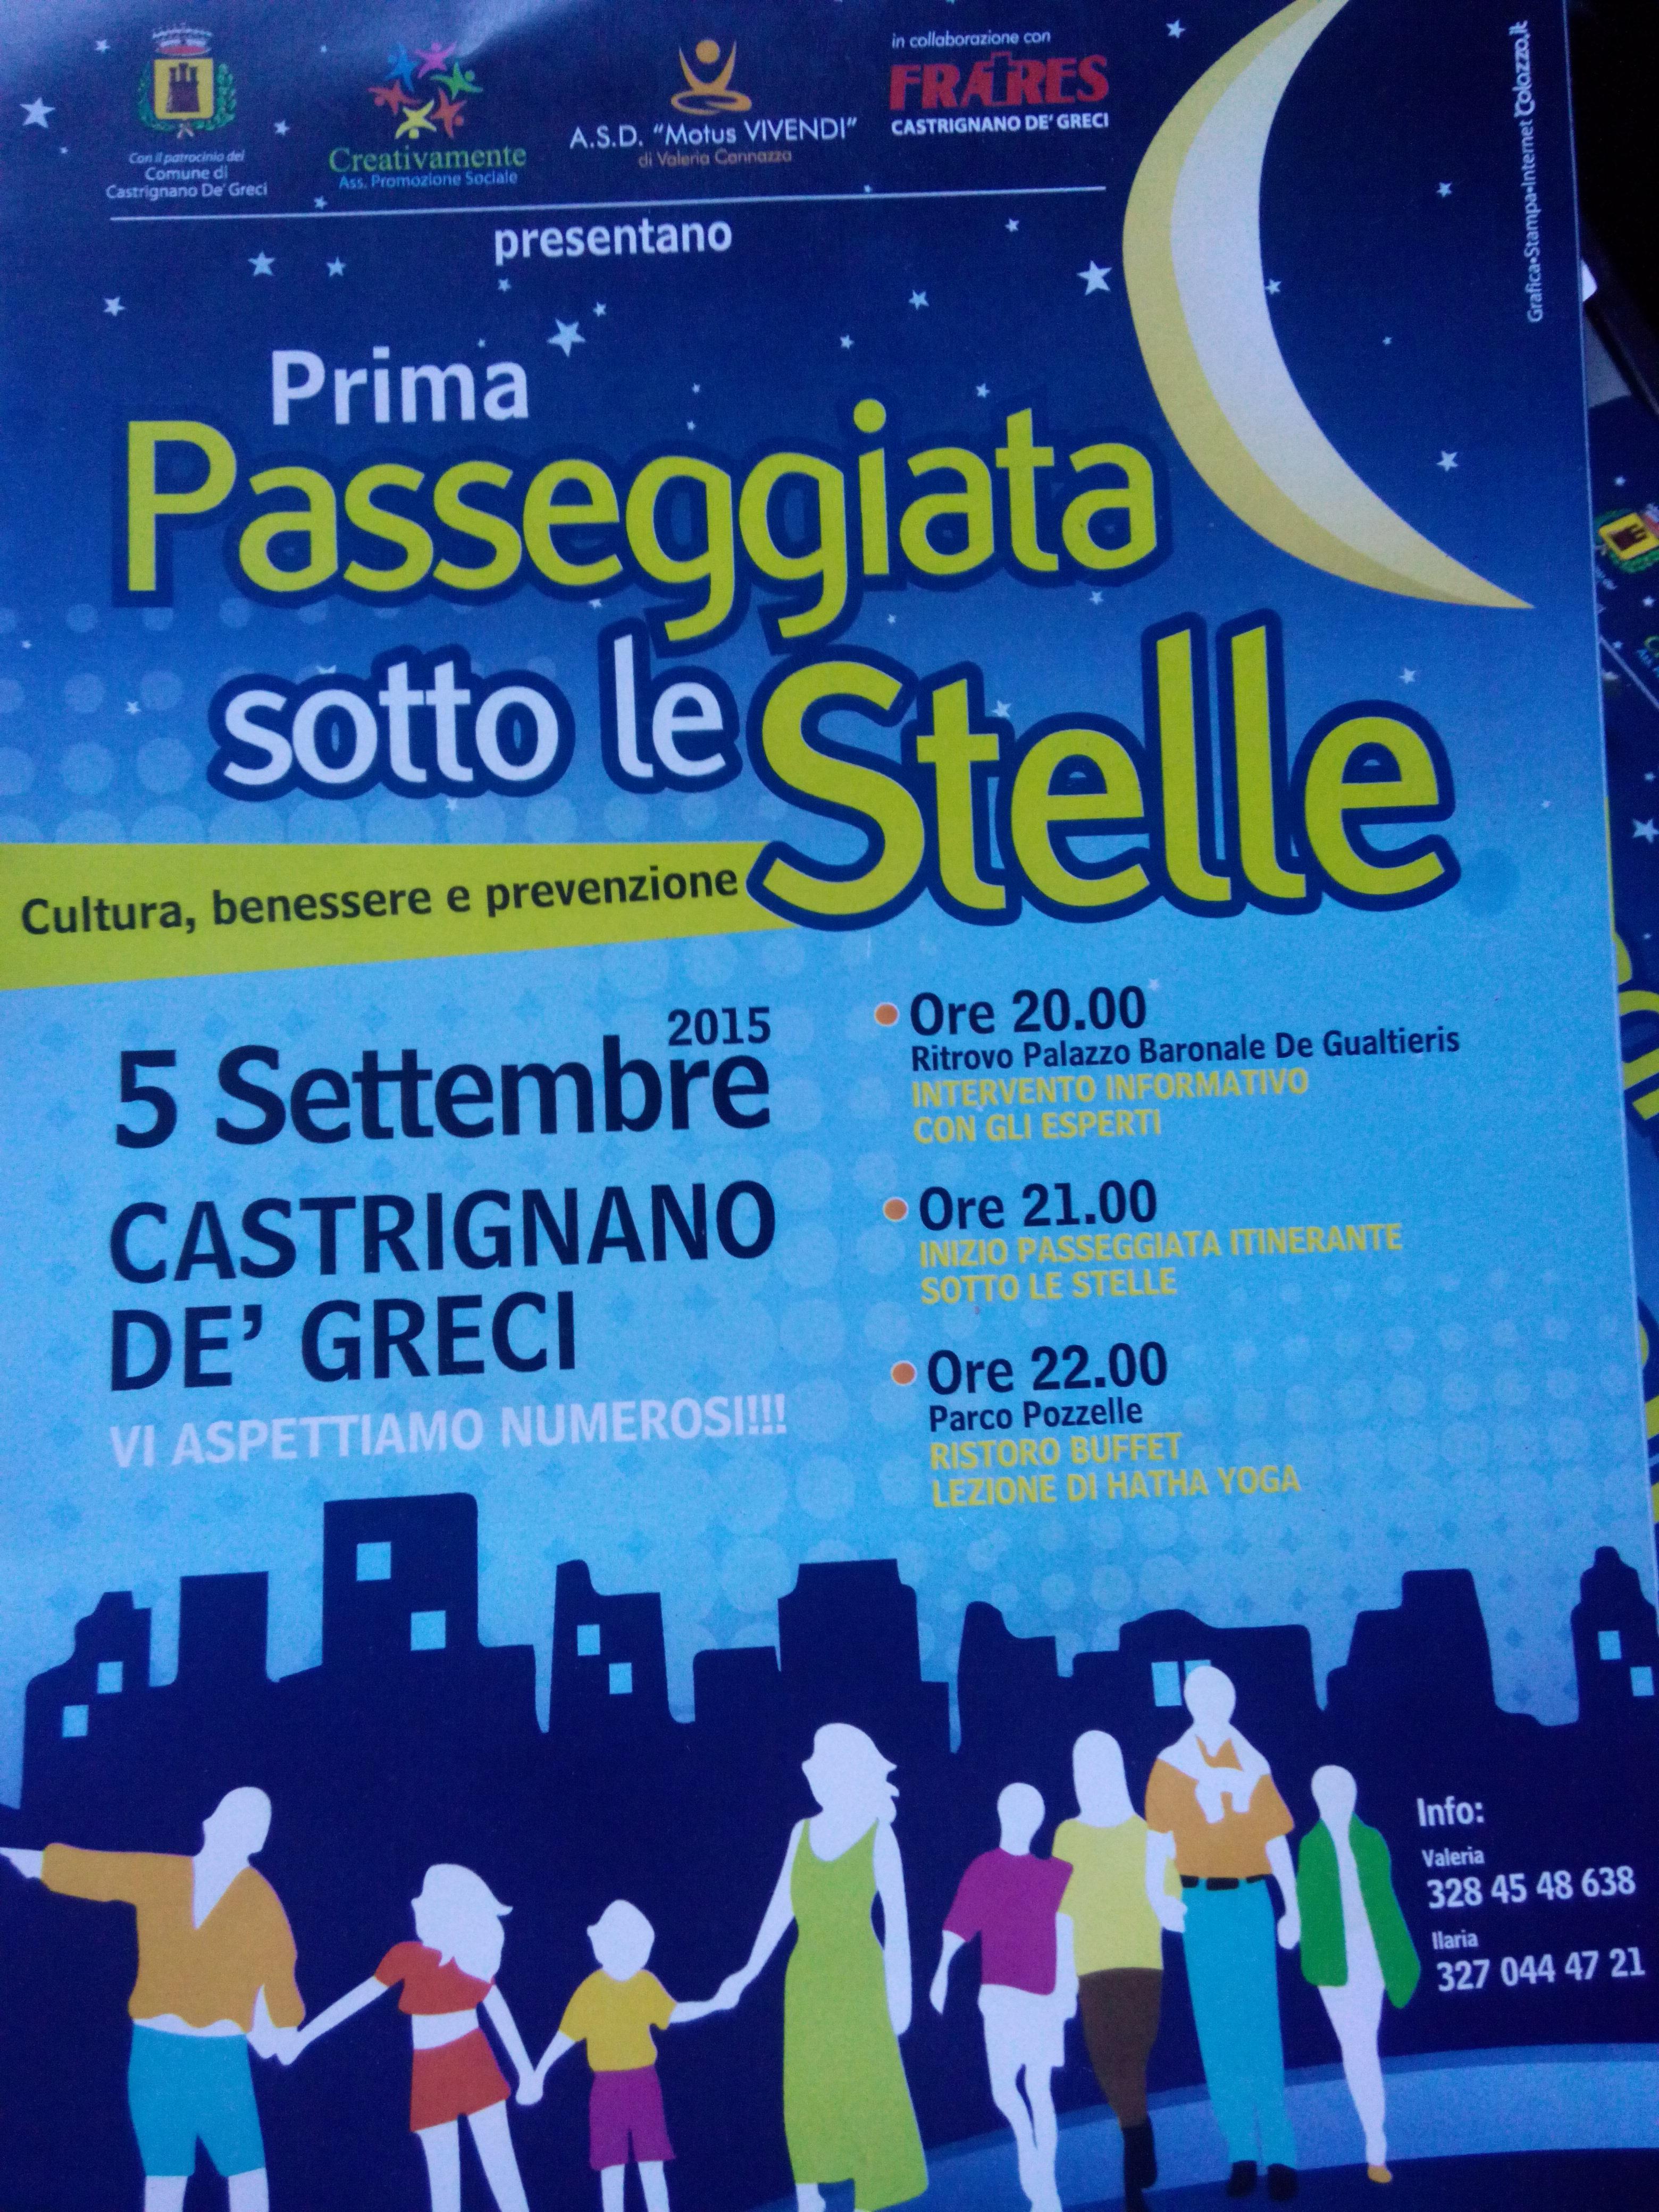 Domani sera a Castrignano de' Greci un evento sulla salute